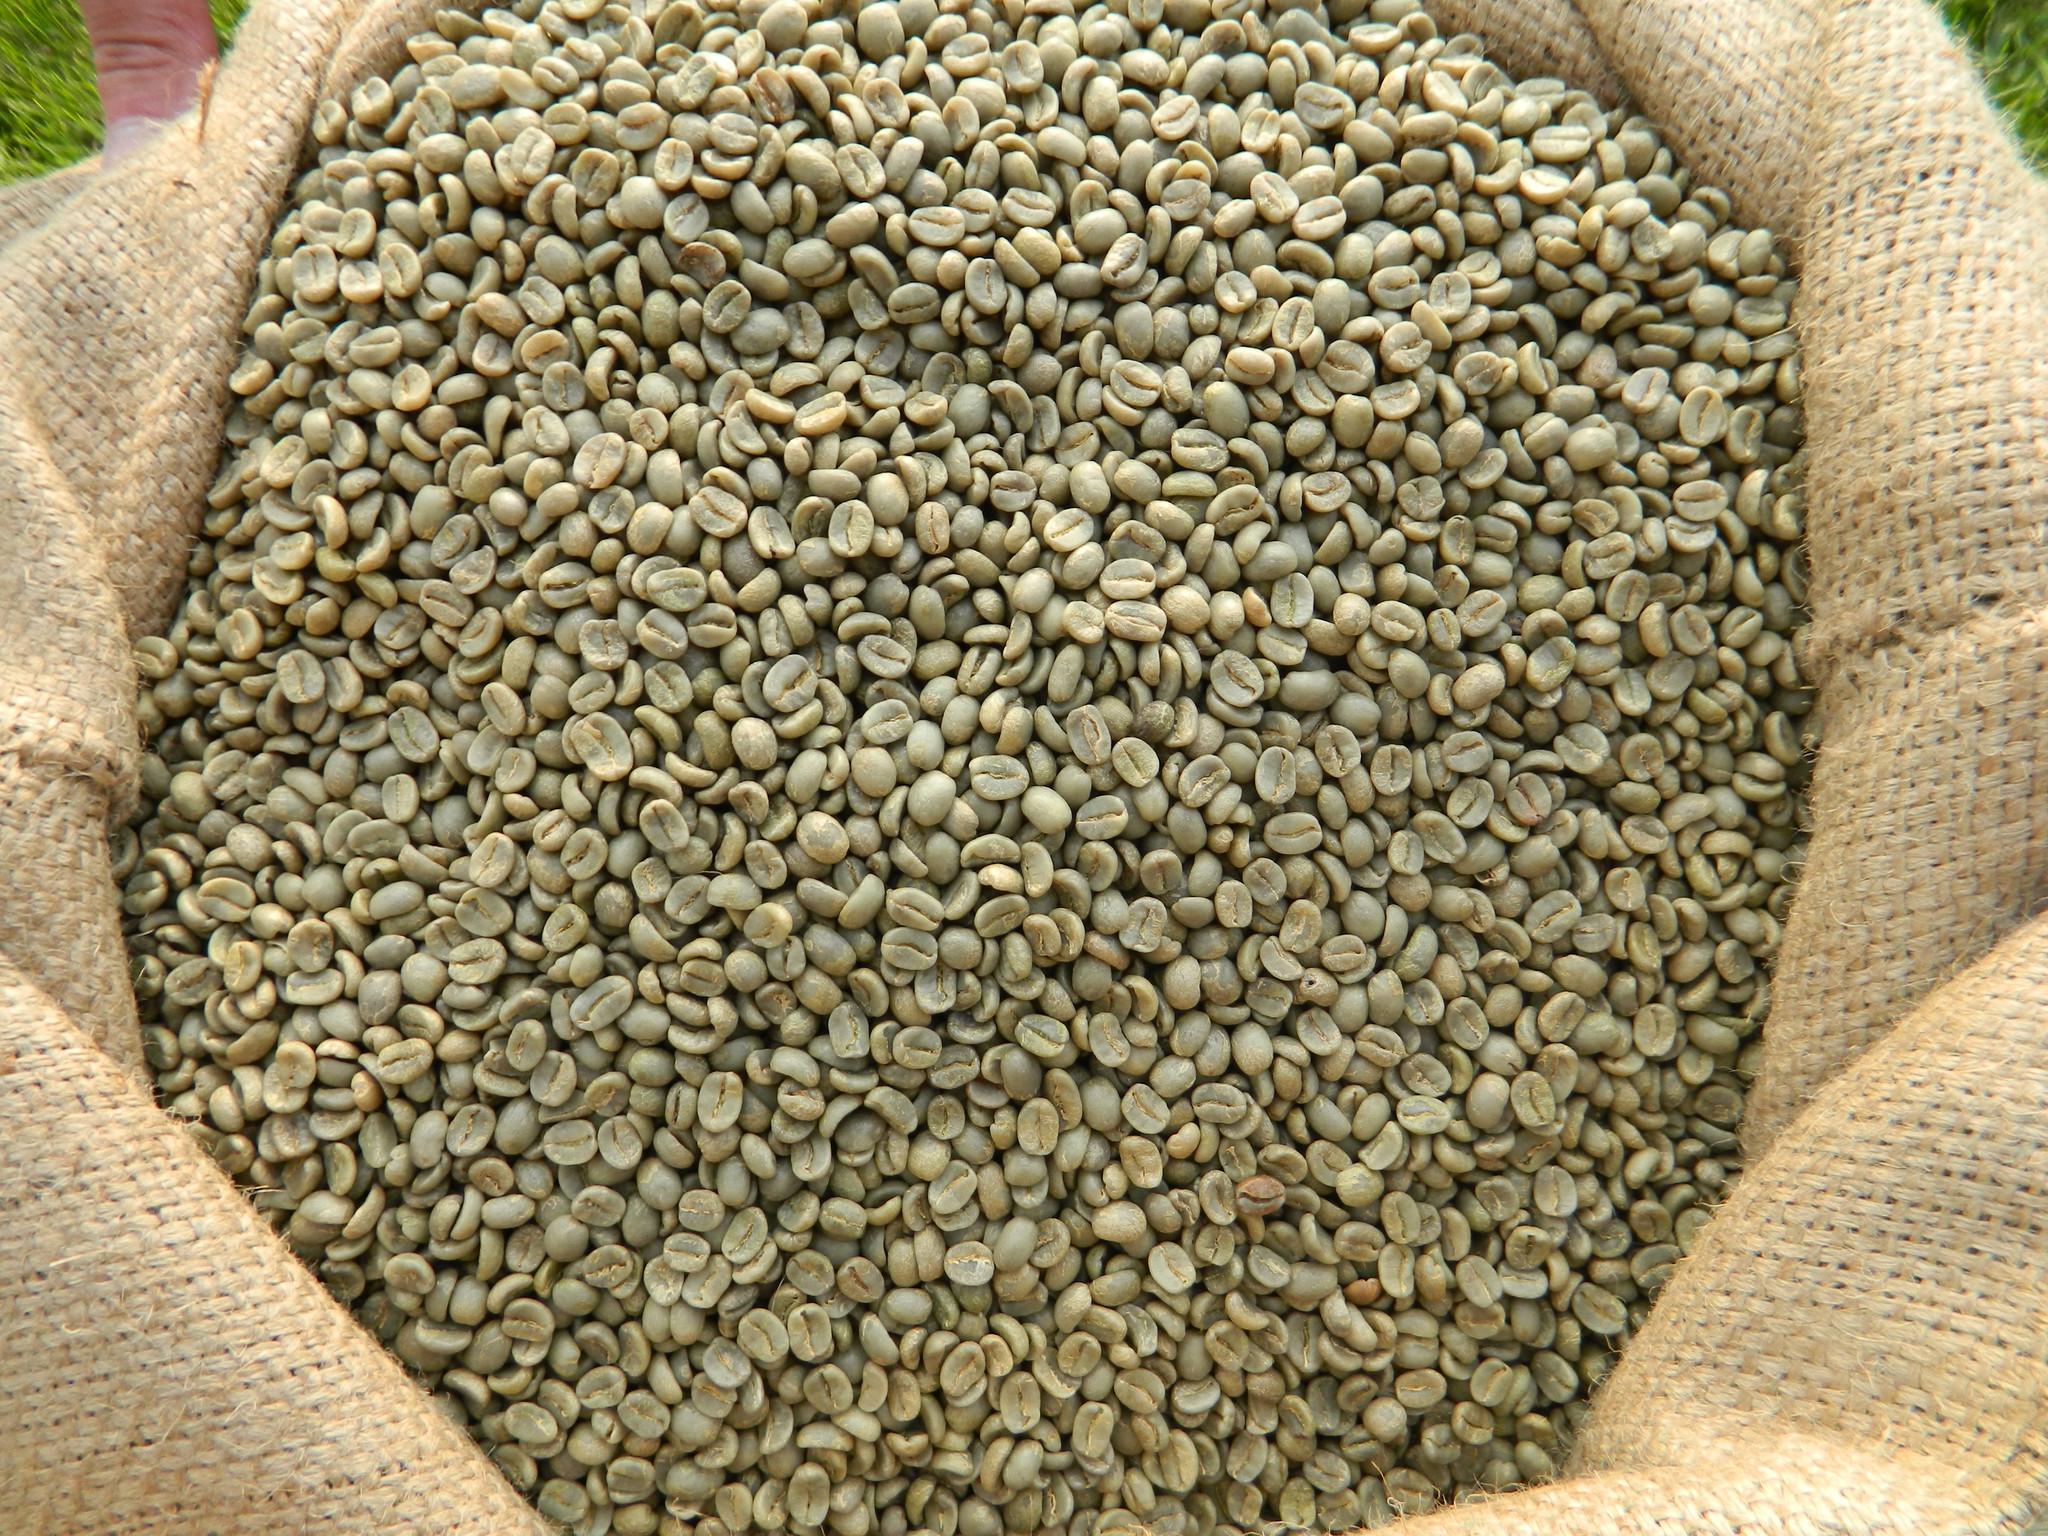 Costa Rica Tarrazu La Pastora Coopetarrazu RFA Arabica Coffee.